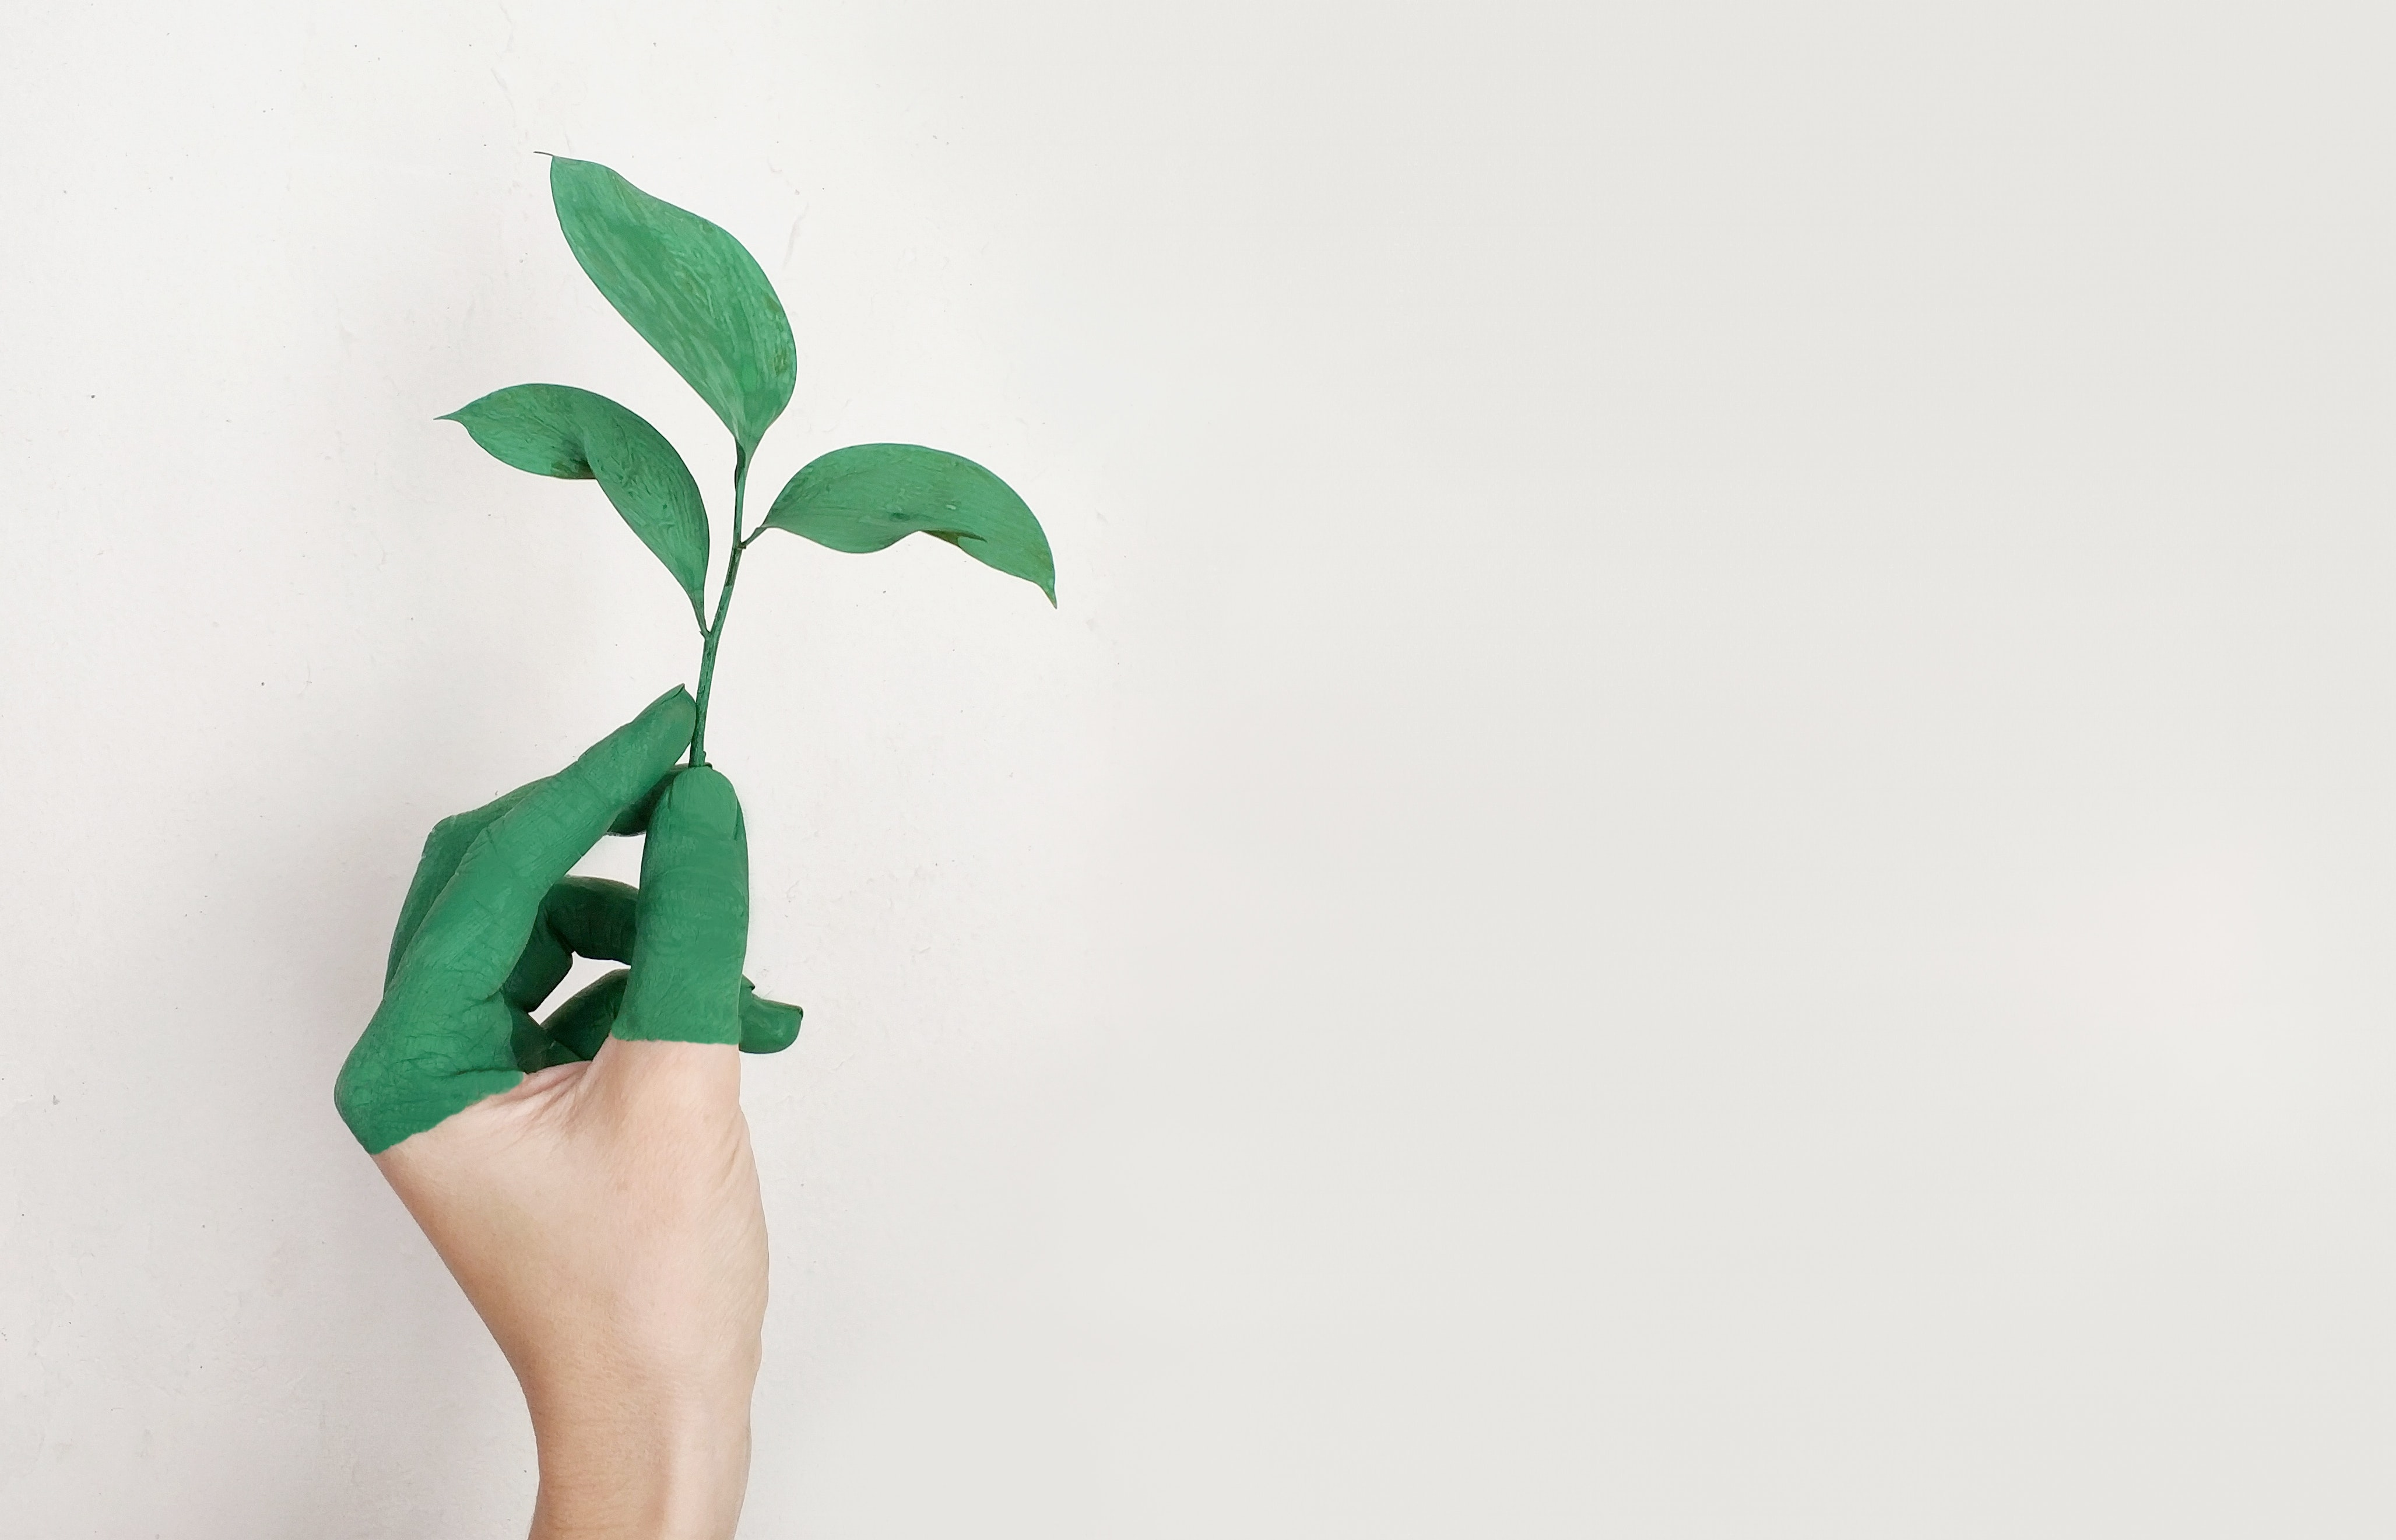 LINEとLINE Ventures投資分析:LINEが目指す世界とは